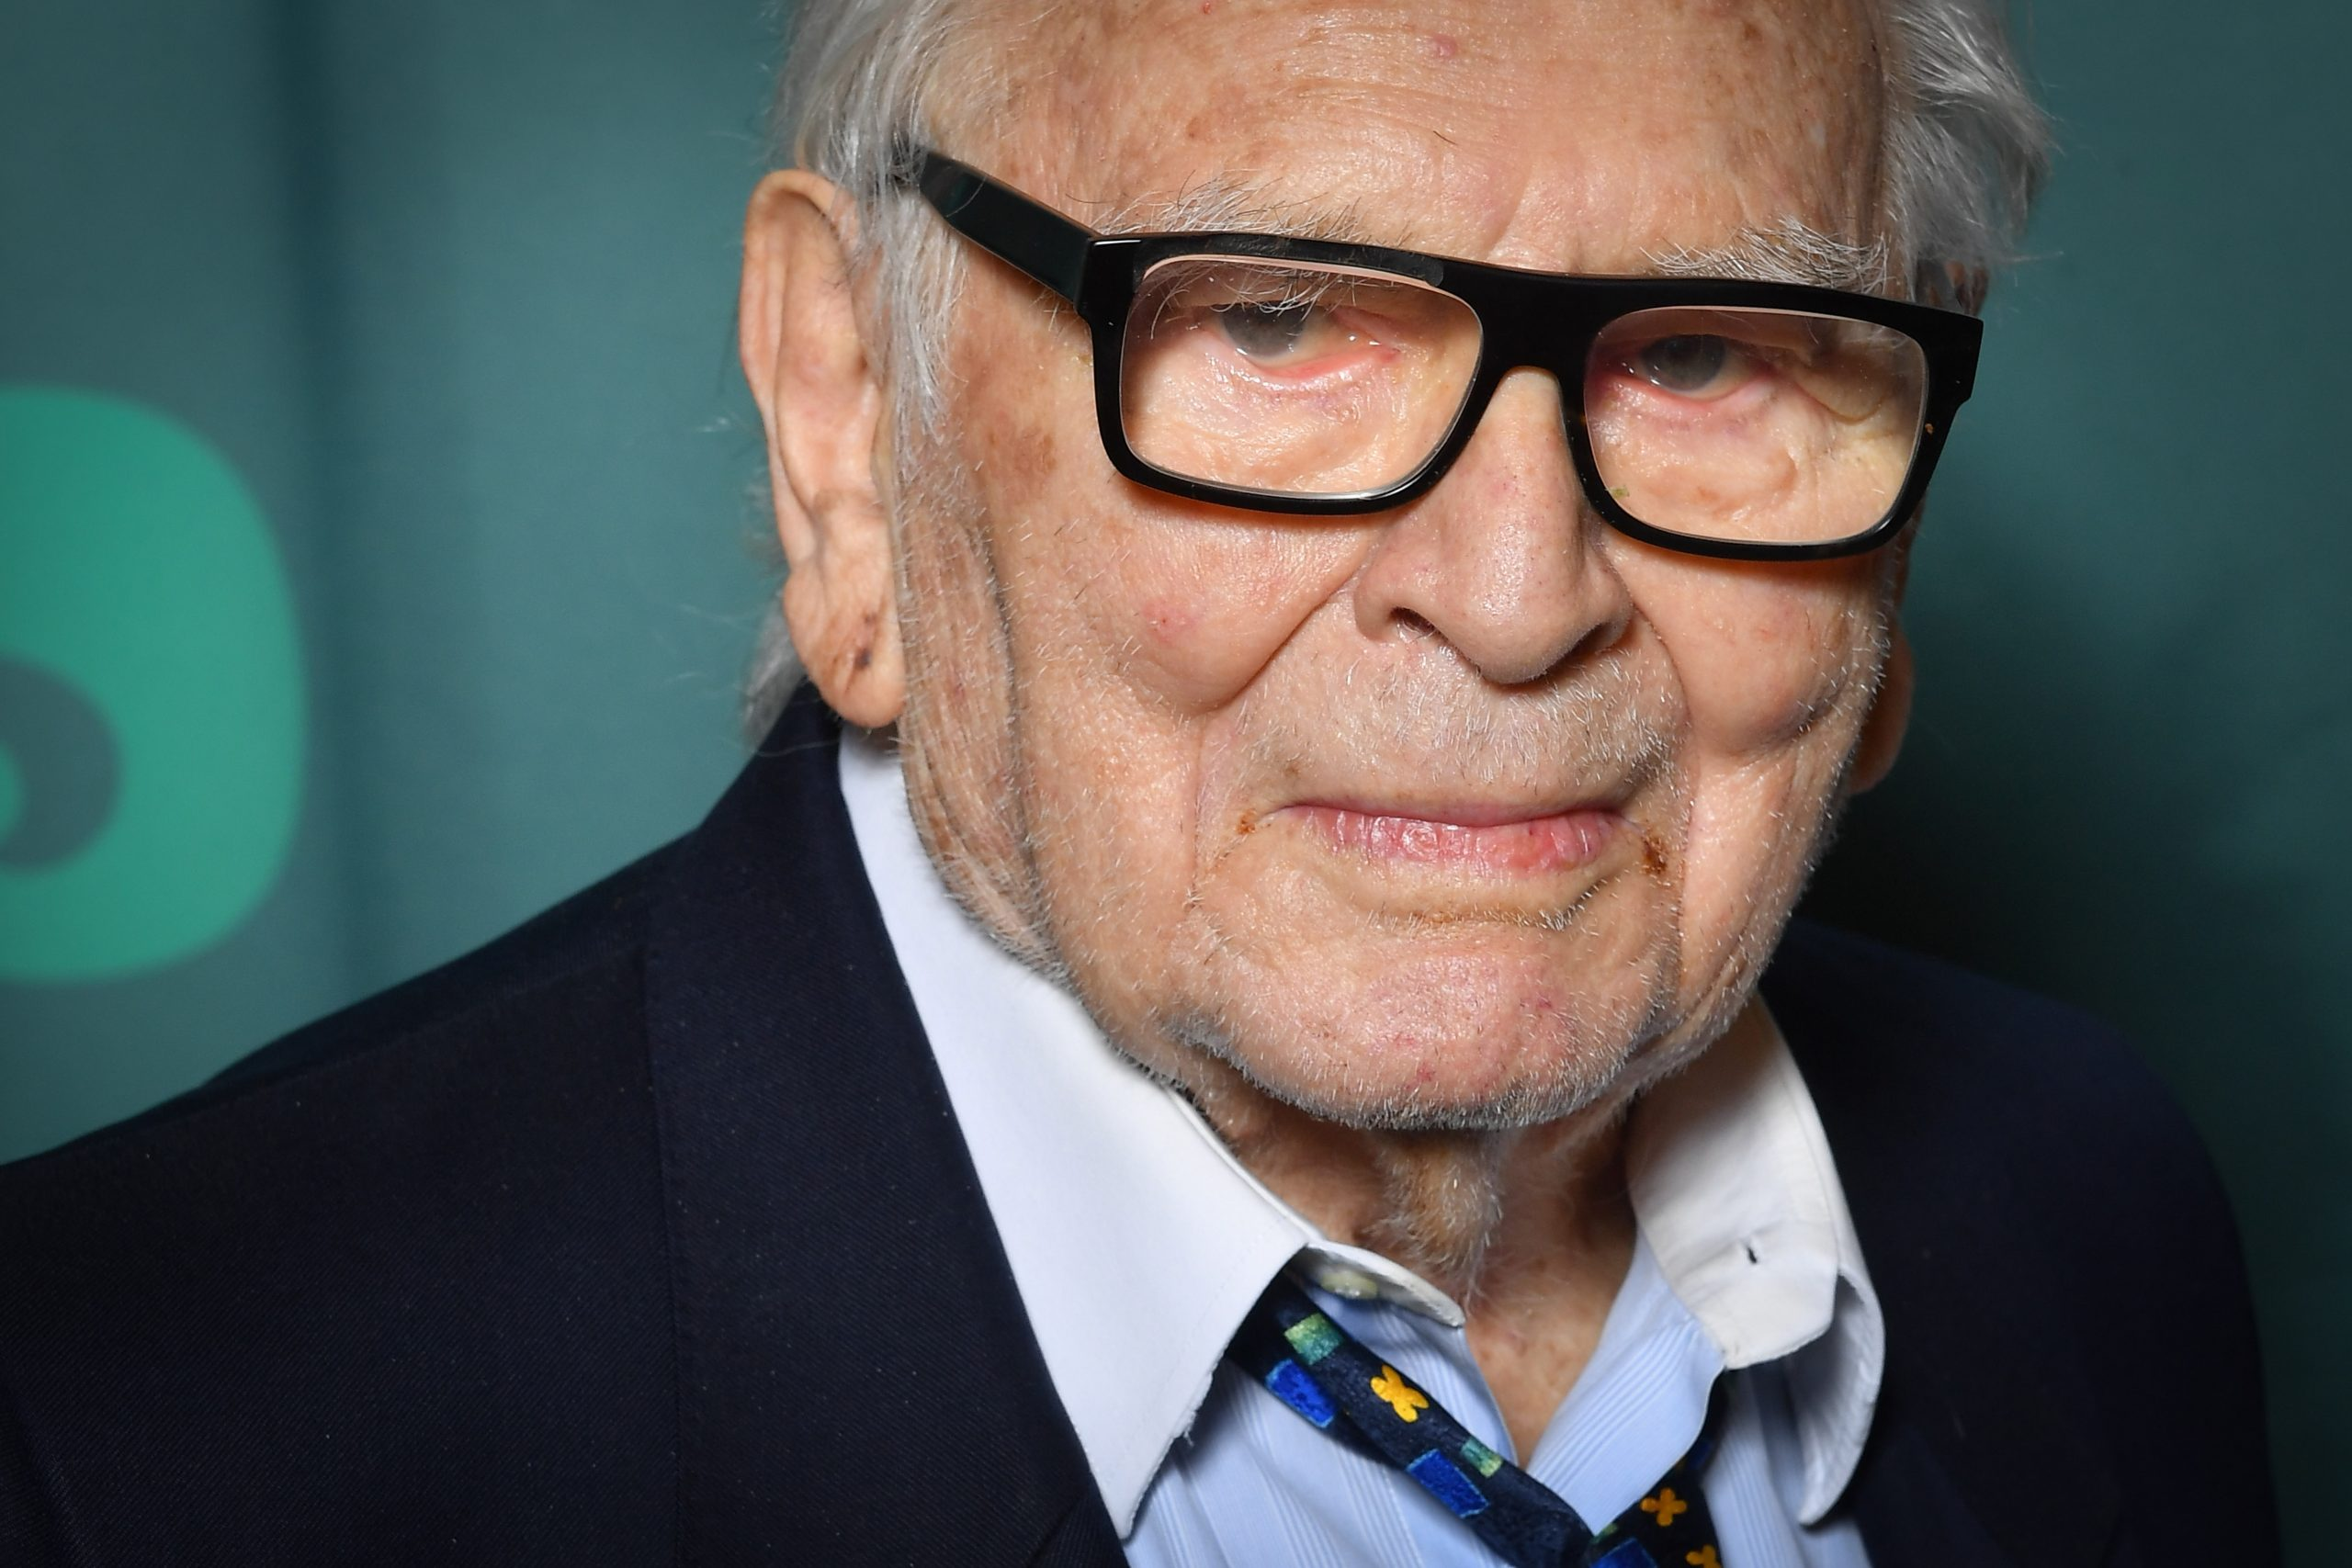 Murió a los 98 años Pierre Cardin, el famoso diseñador de modas francés